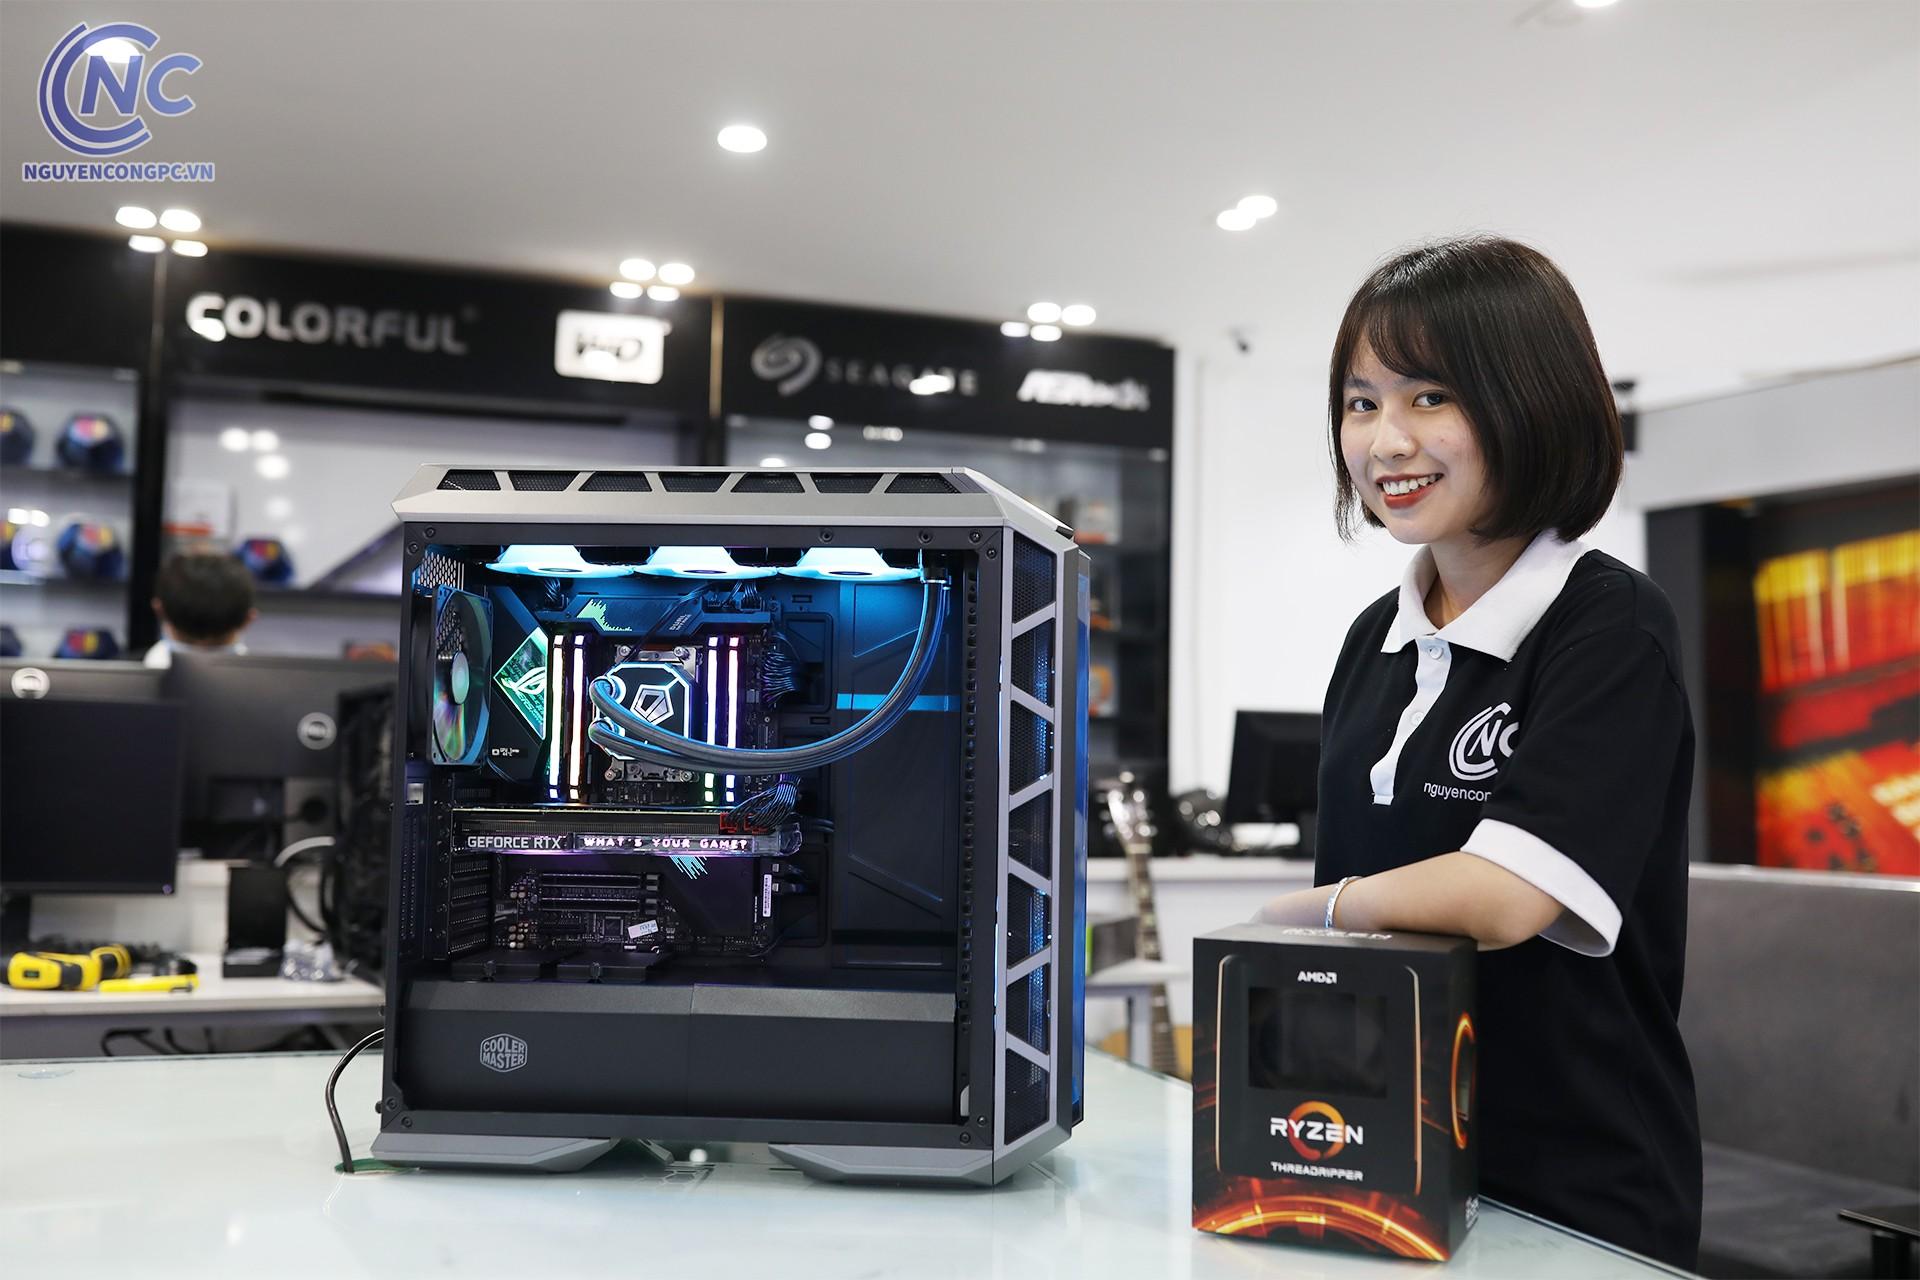 Bộ PC AMD Ryzen Threadripper 3990x / TRX40 / 64gb / SSD M2 256GB /RTX 2080 ti